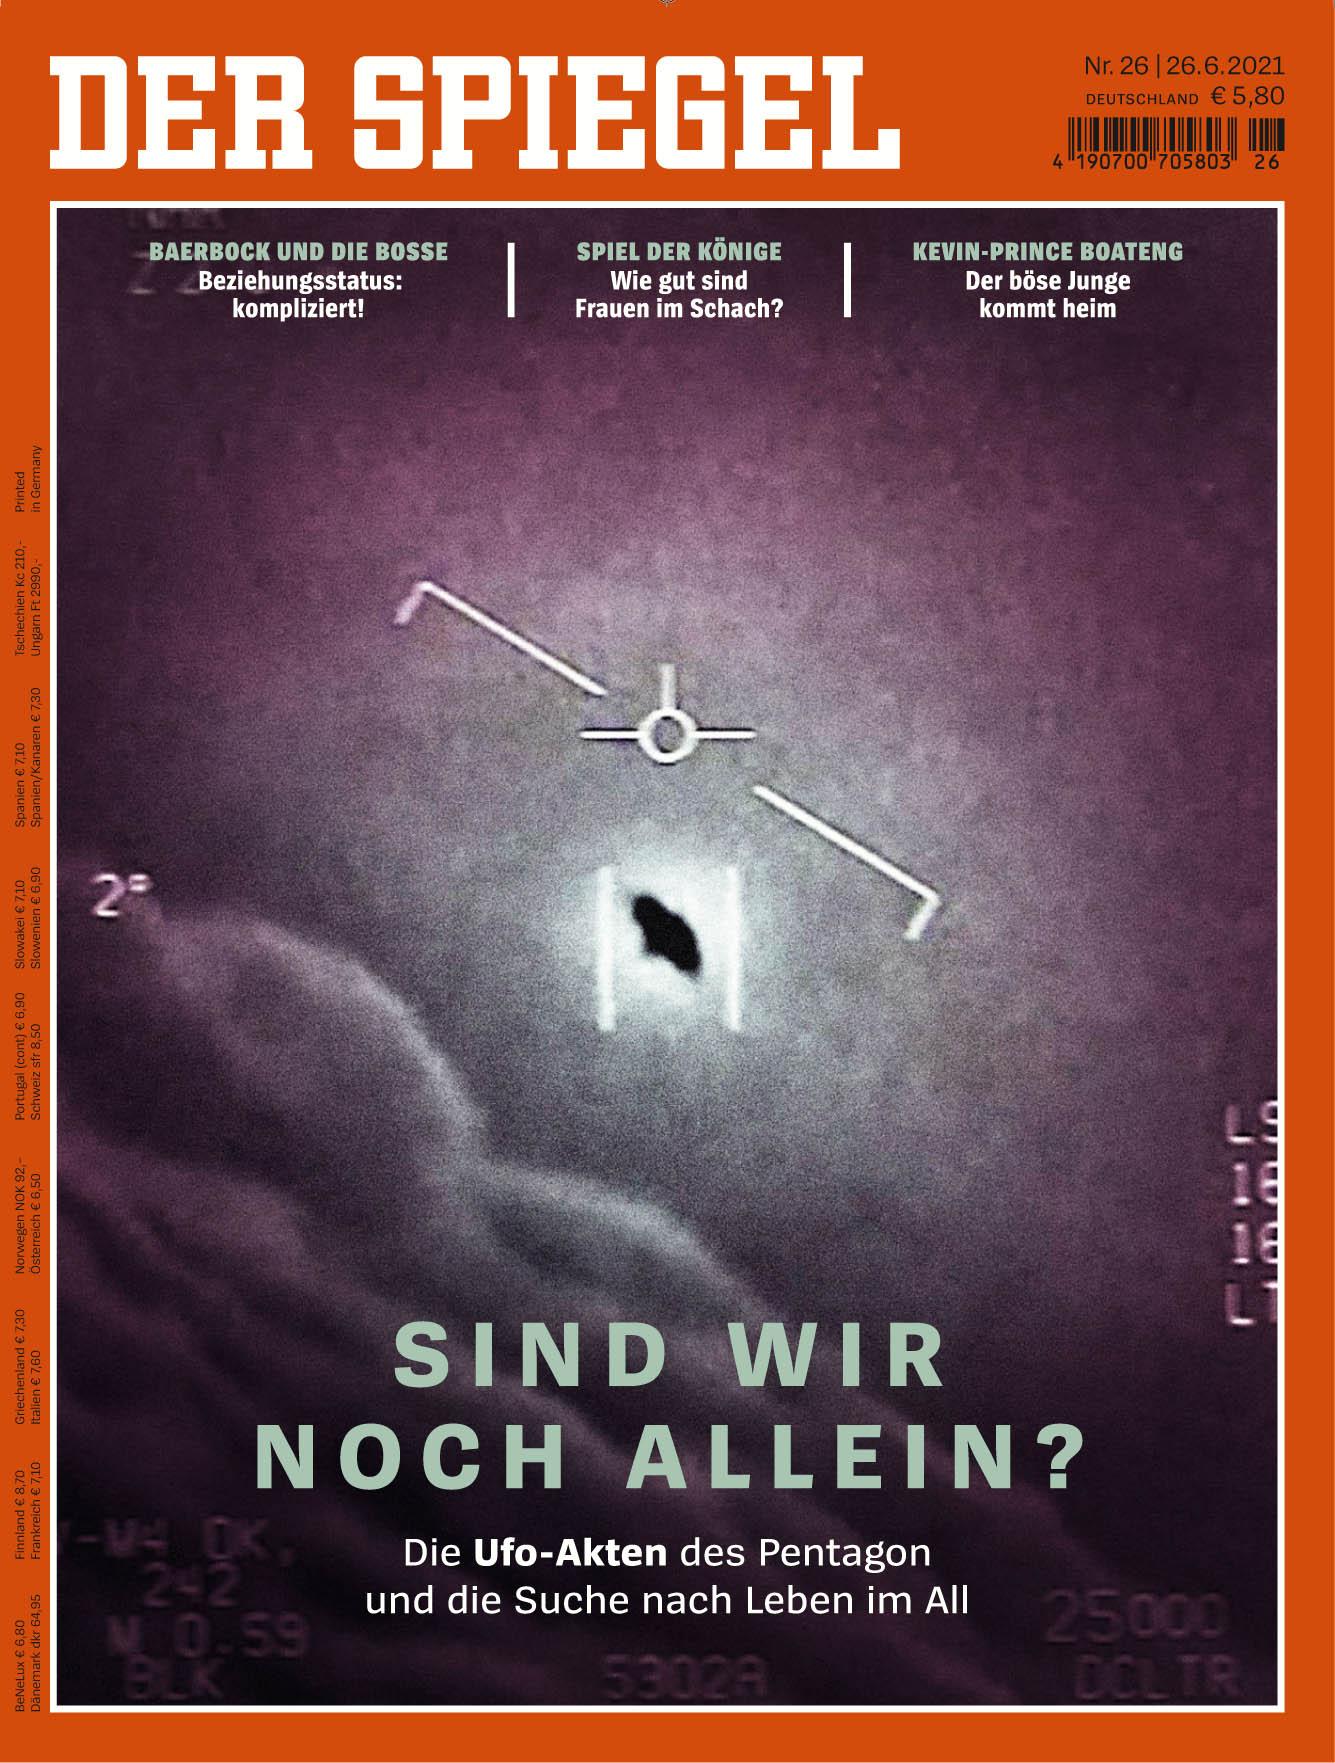 Der Spiegel 210626 UFO 01.jpg